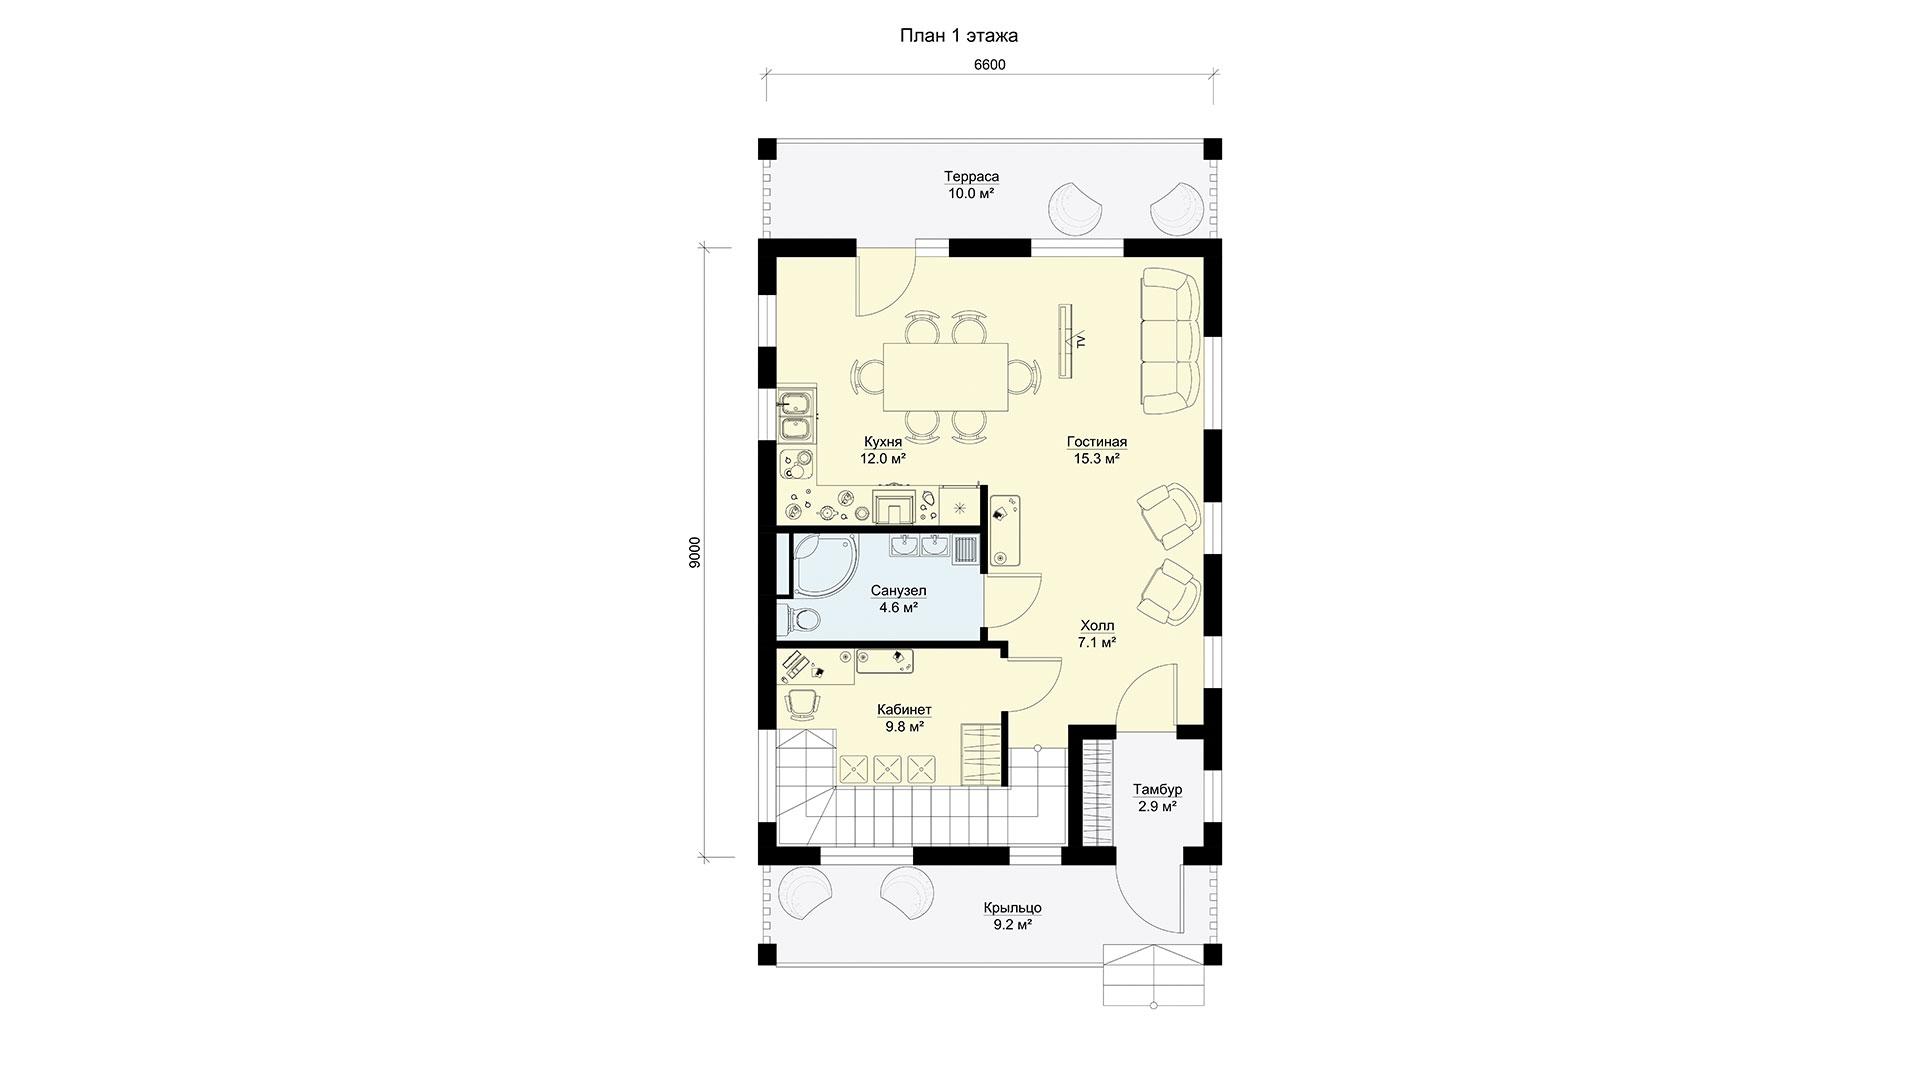 План первого этажа двухэтажного дома БЭНПАН, проект МС-144.